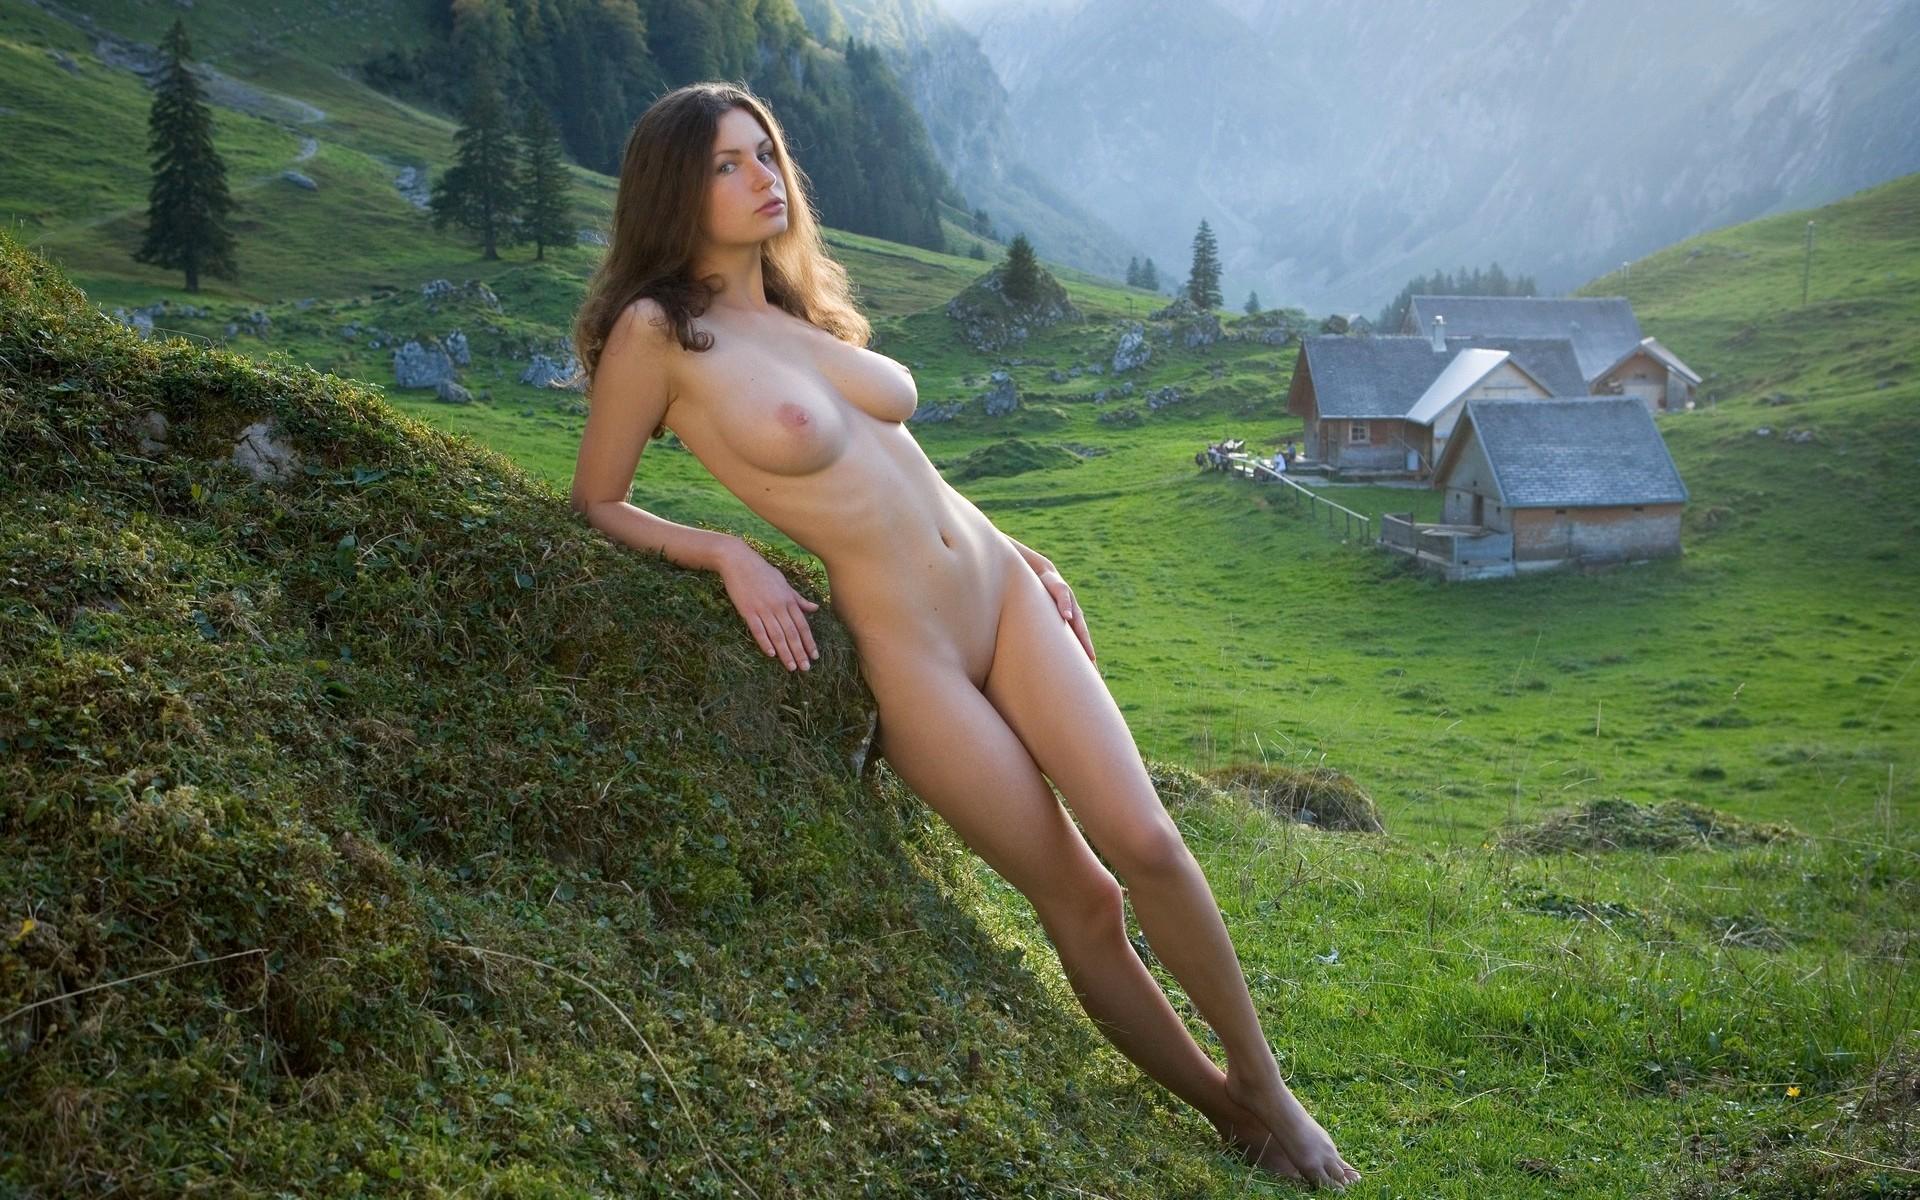 Фото деревенской голой девки, Голые в деревне - фото деревенских голых девушек 12 фотография